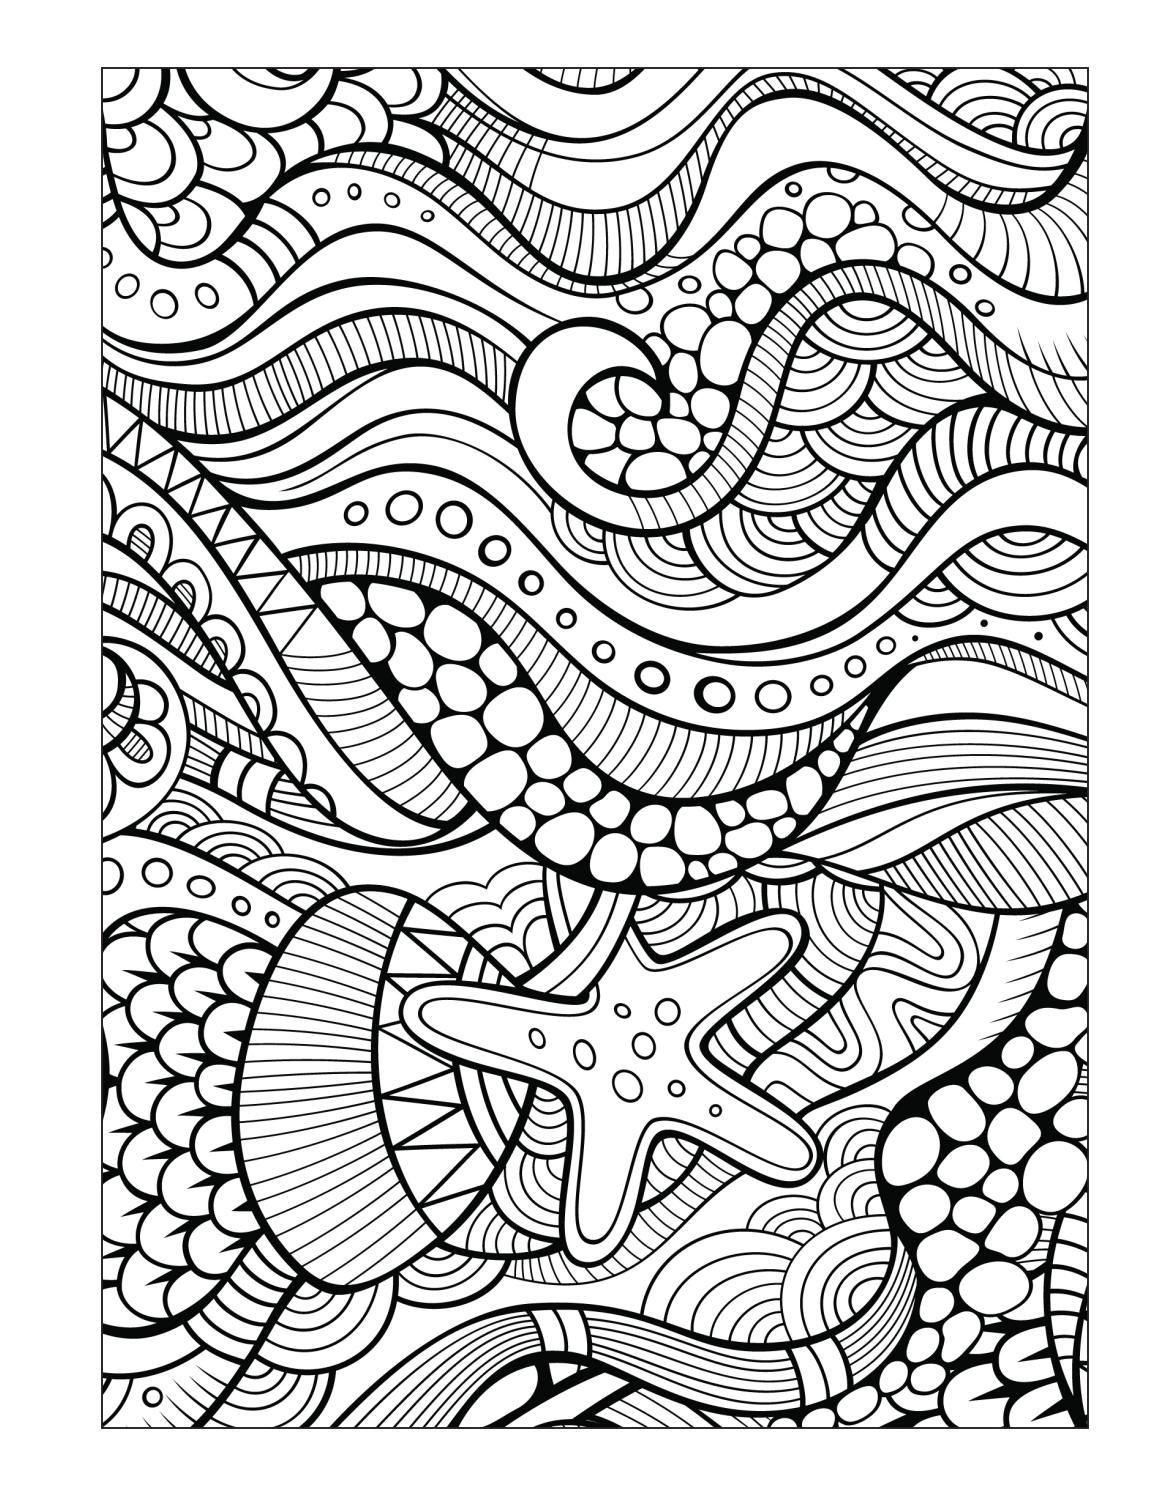 ocean coloring book for seniors men this coloring book features many beautiful ocean designs to - Coloring Books For Seniors